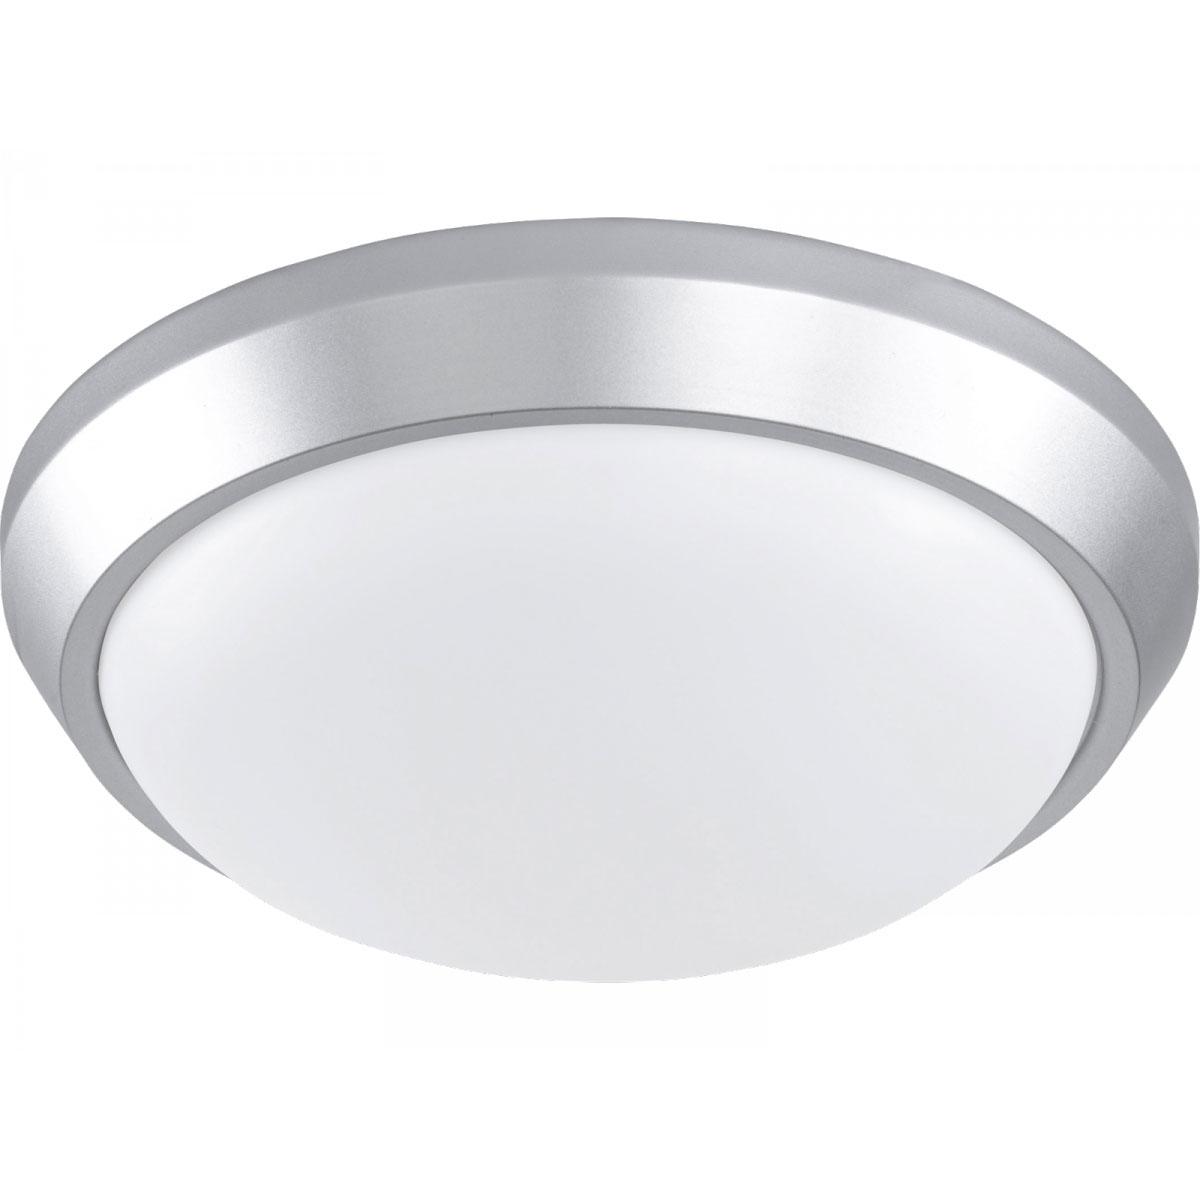 """Deckenleuchten - LED Deckenleuchte """"Sana"""", Ø33cm, silber Ø33 cm  - Onlineshop Hellweg"""